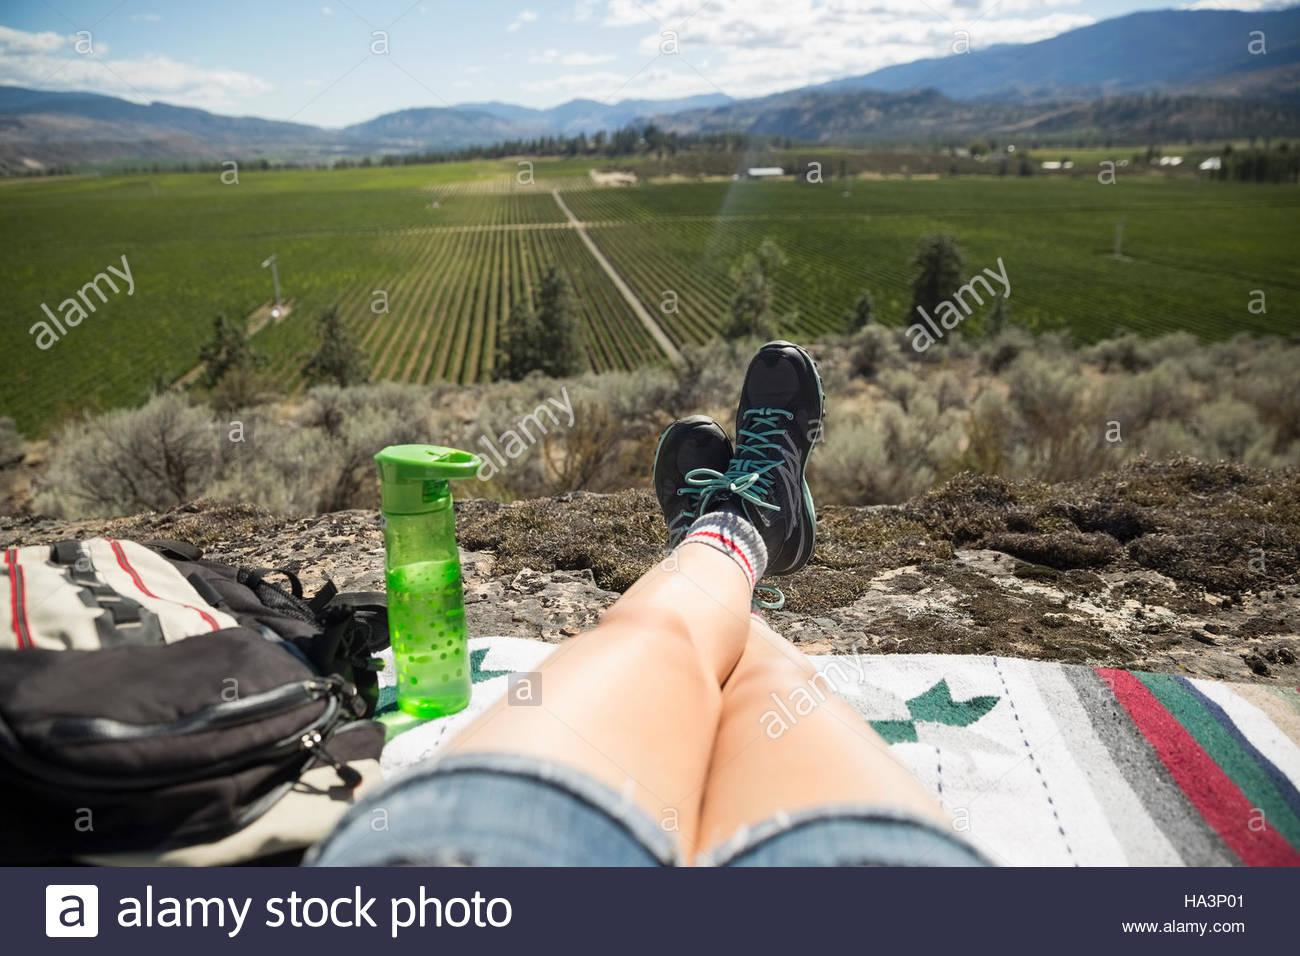 Persönlichen Perspektive Frau Wanderer entspannten, sonnigen ländlichen betrachten Stockbild